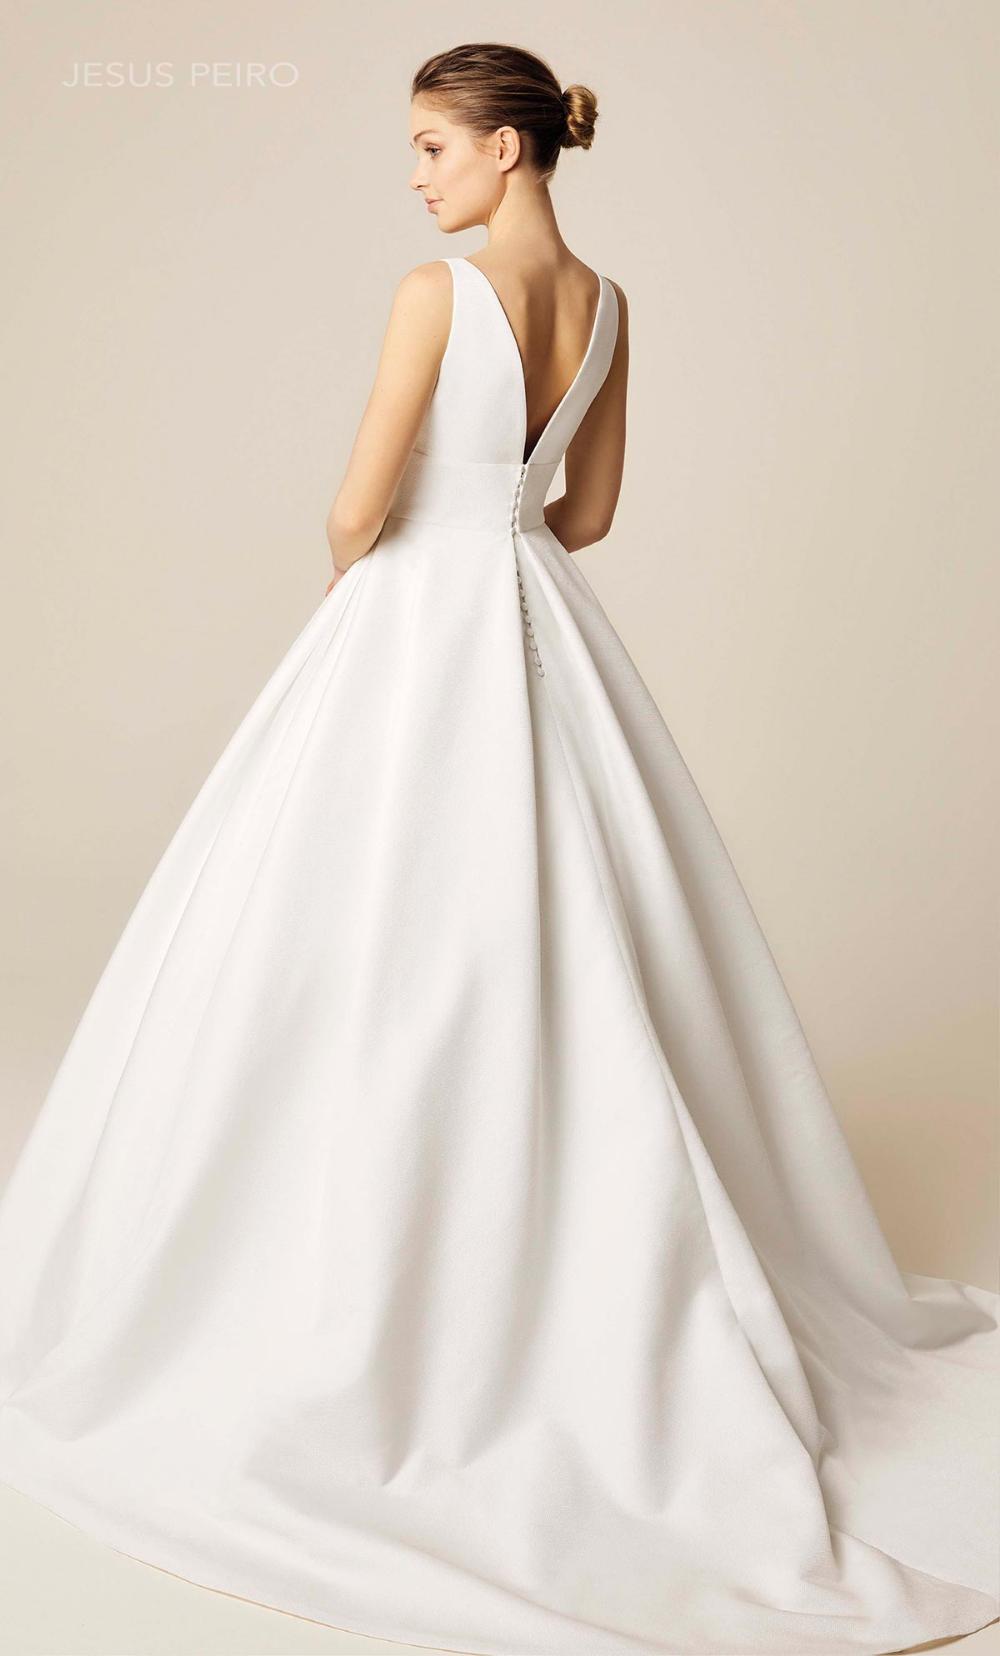 Cobra Taffeta Ballgown With Pockets Wedding Dresses Taffeta